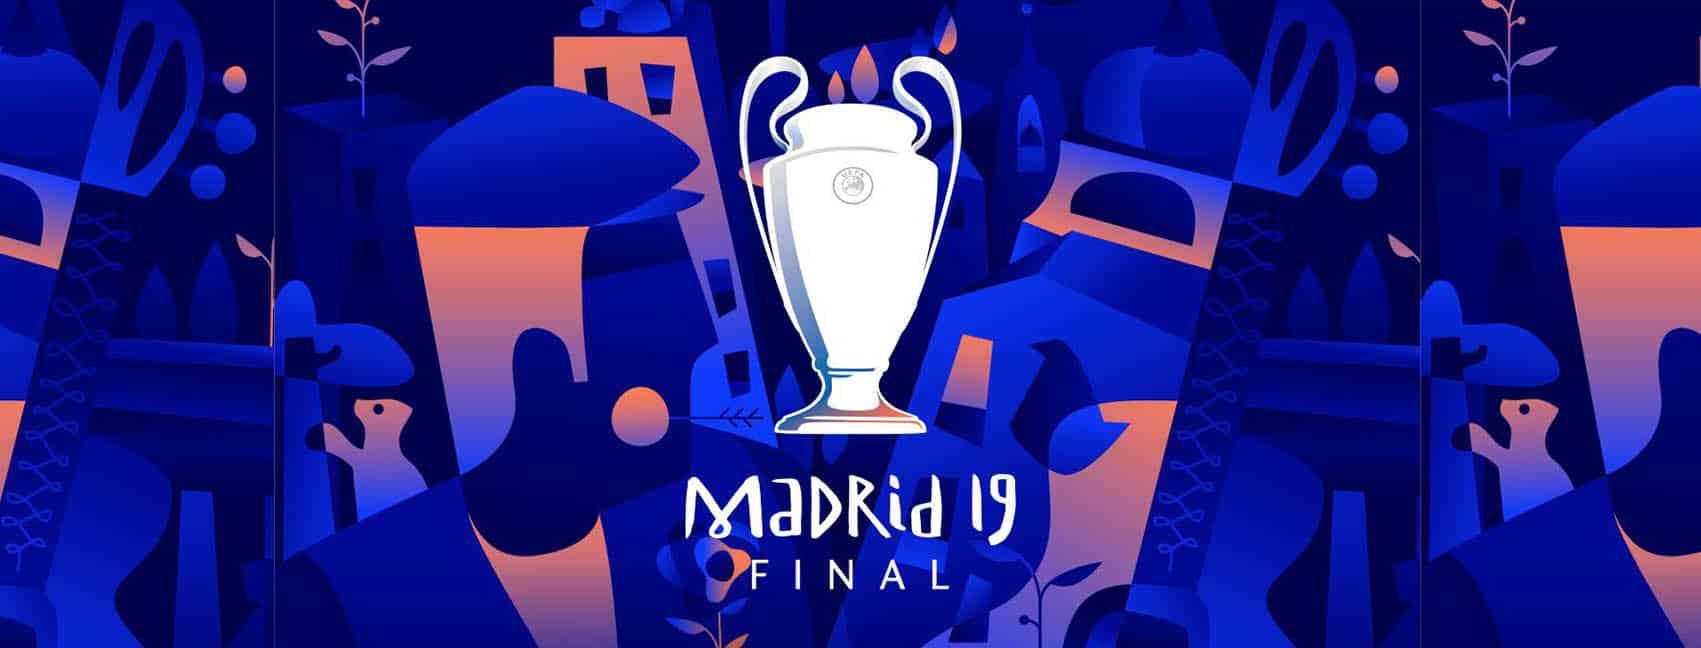 Finale di Champions League